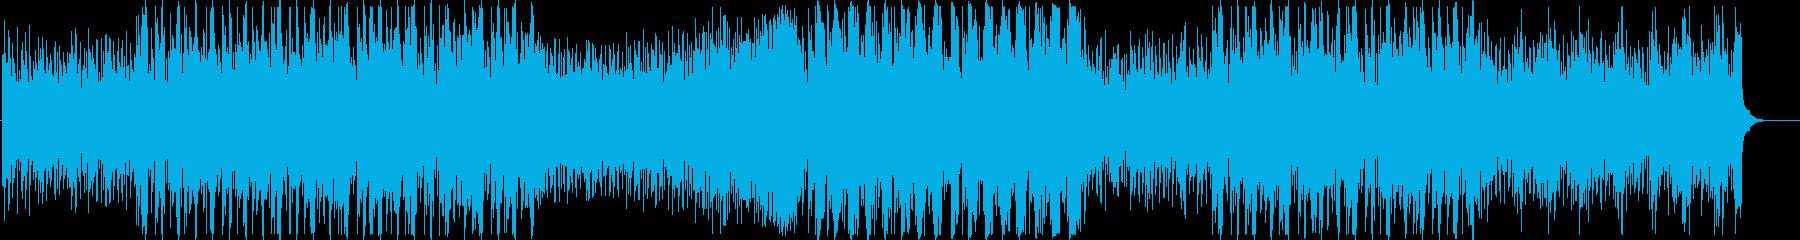 神秘的なピアノと近未来のクラブサウンドの再生済みの波形